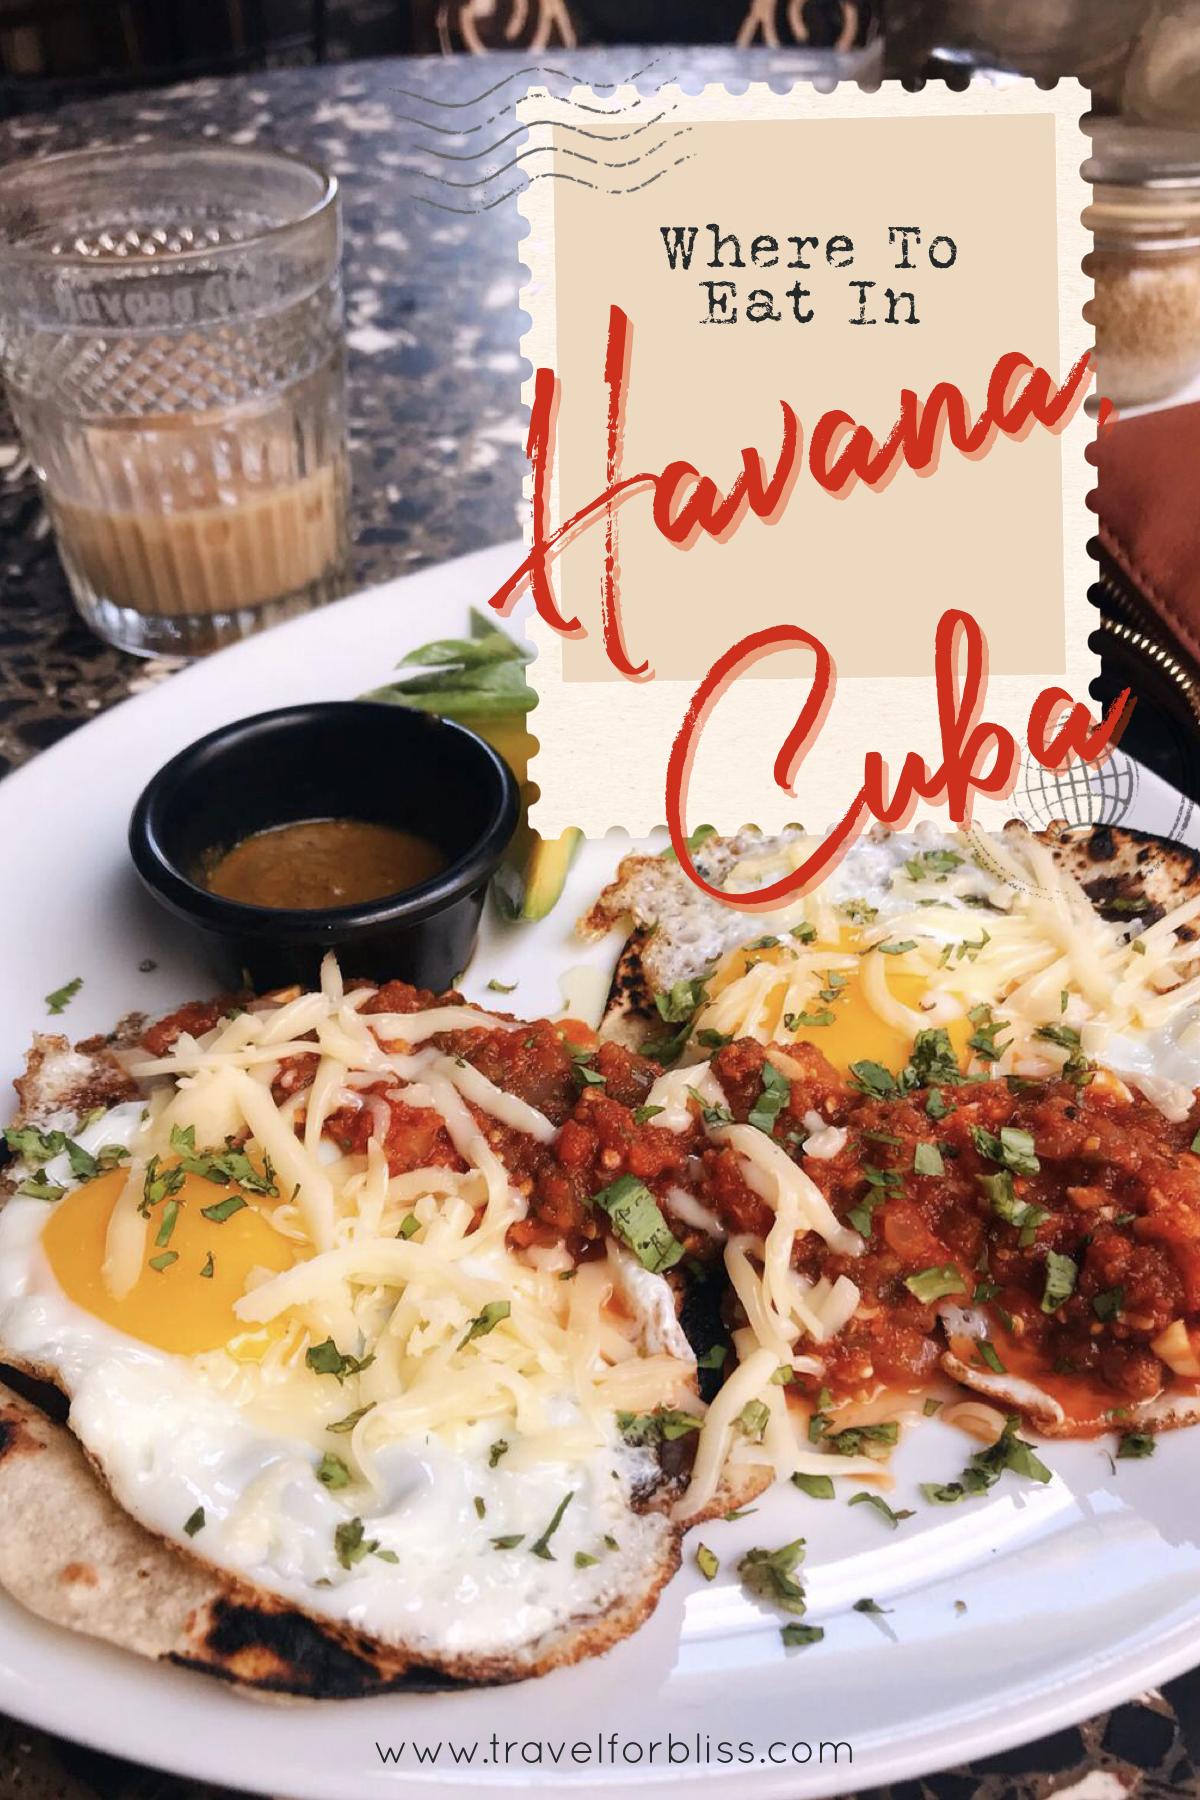 Where To Eat In Havana Cuba